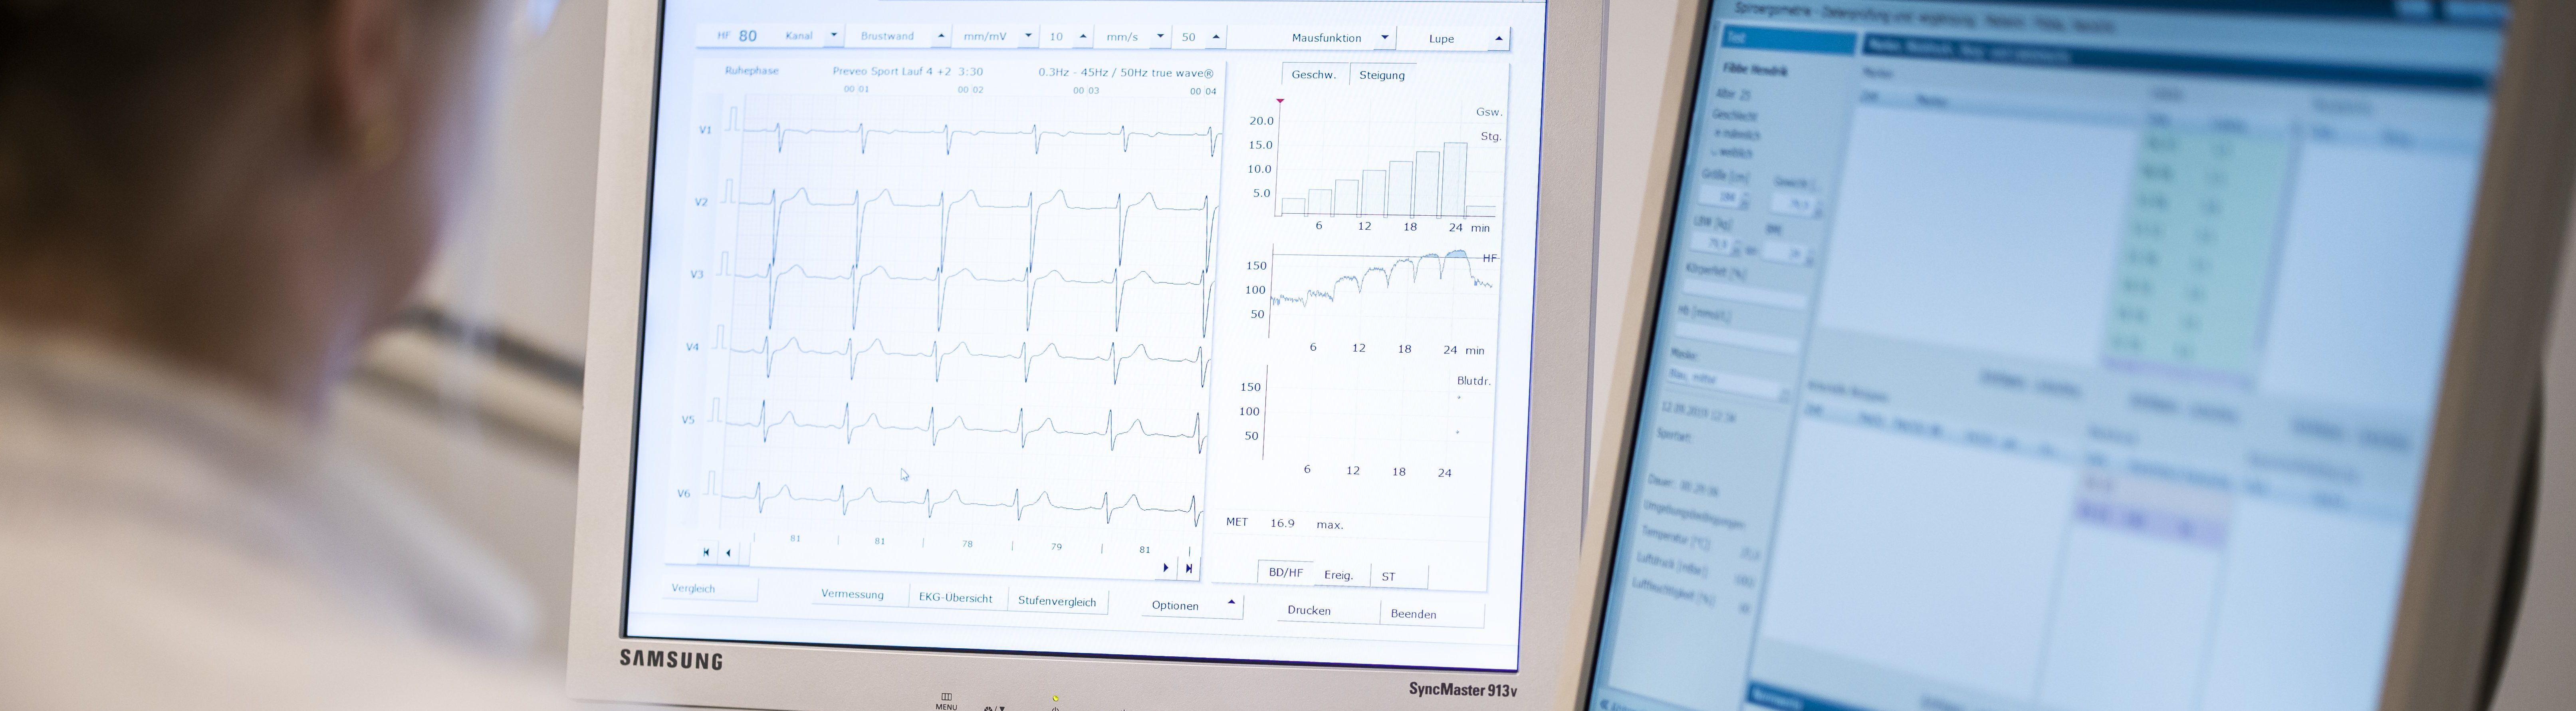 Gesundheitsmanagement Arbeitsmedizin Betriebsarzt Betriebsmedizin Dortmund